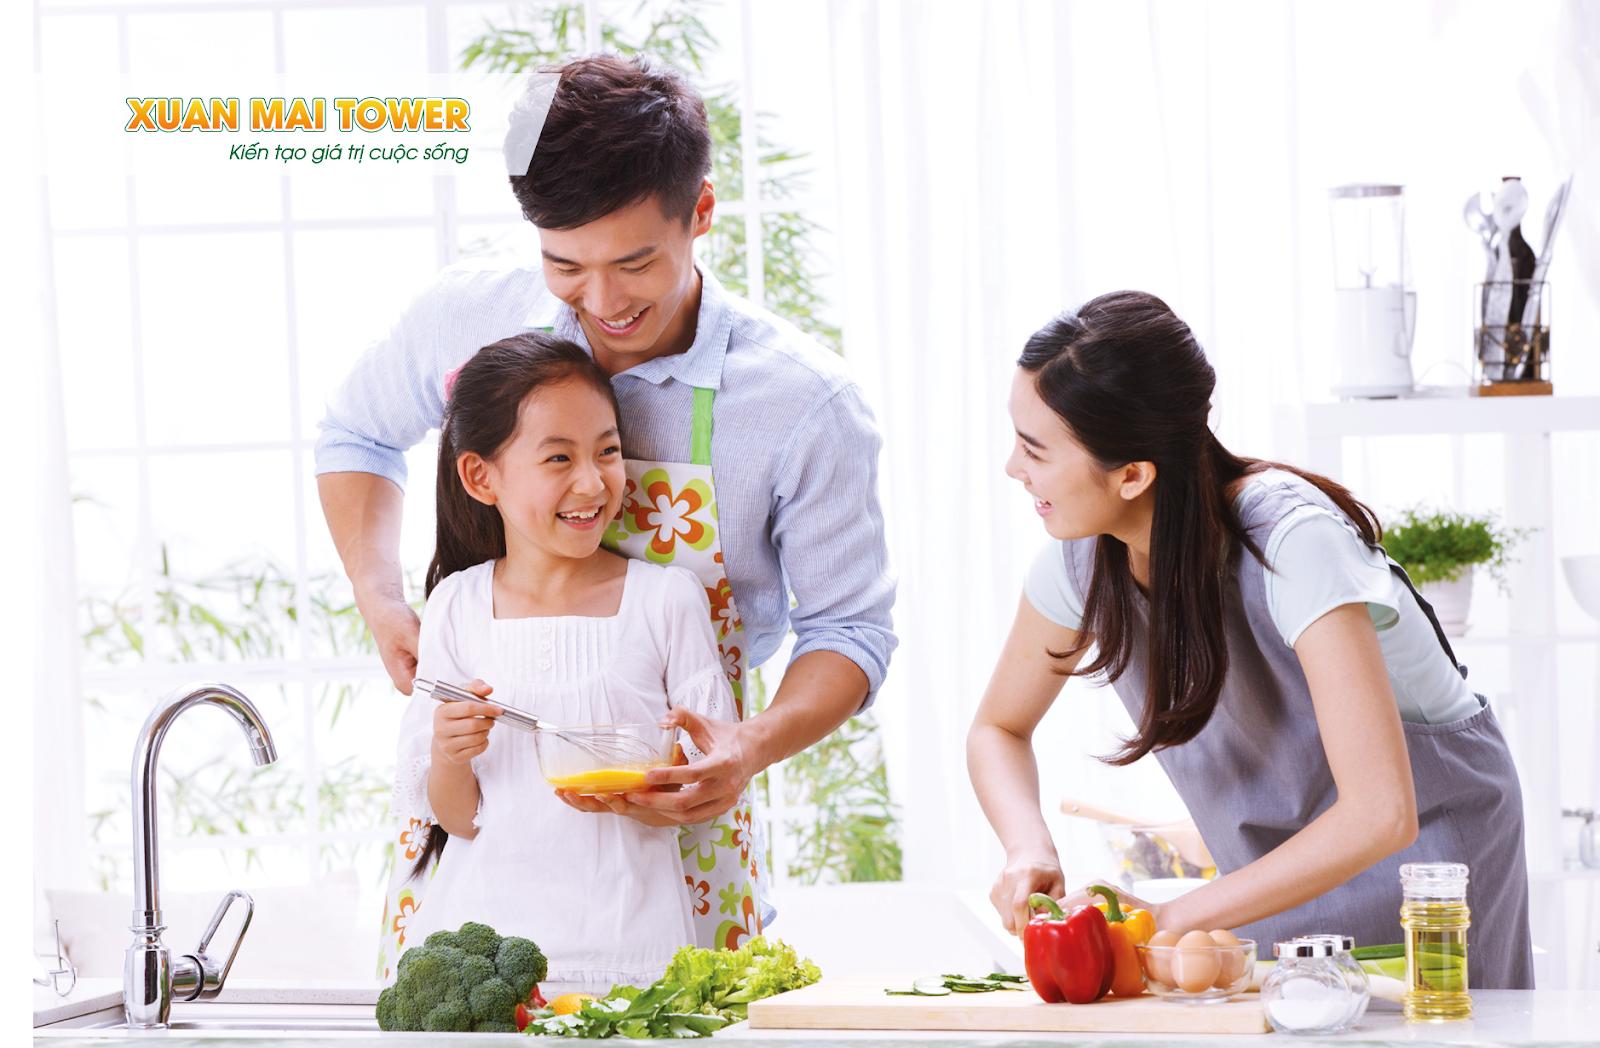 Xuân Mai Tower - Nơi an cư lý tưởng của mọi gia đình